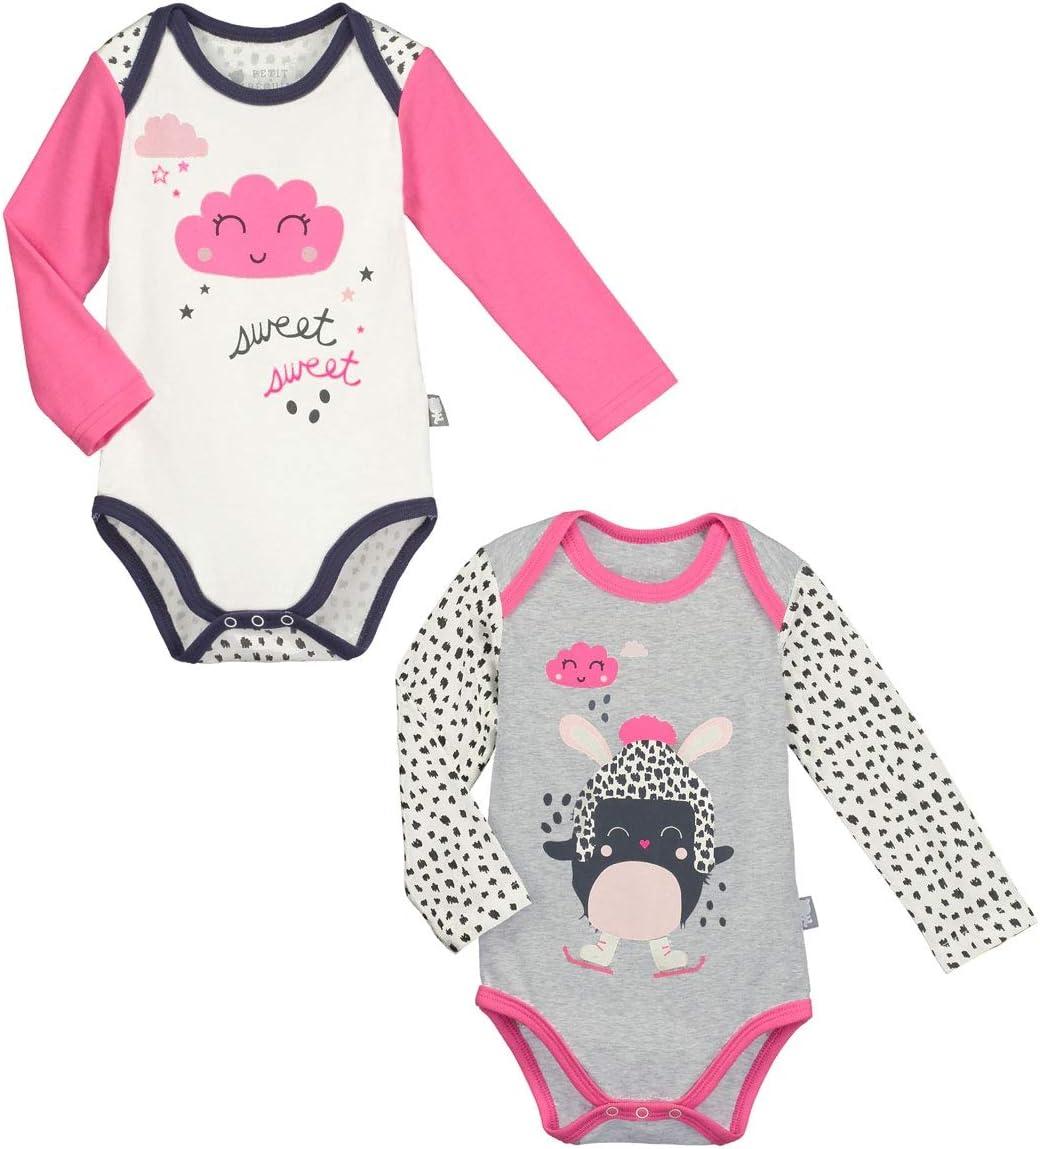 Lot de 2 bodies de manga larga bebé niña burbuja de algodón – talla – 6 meses (68 cm): Amazon.es: Bebé